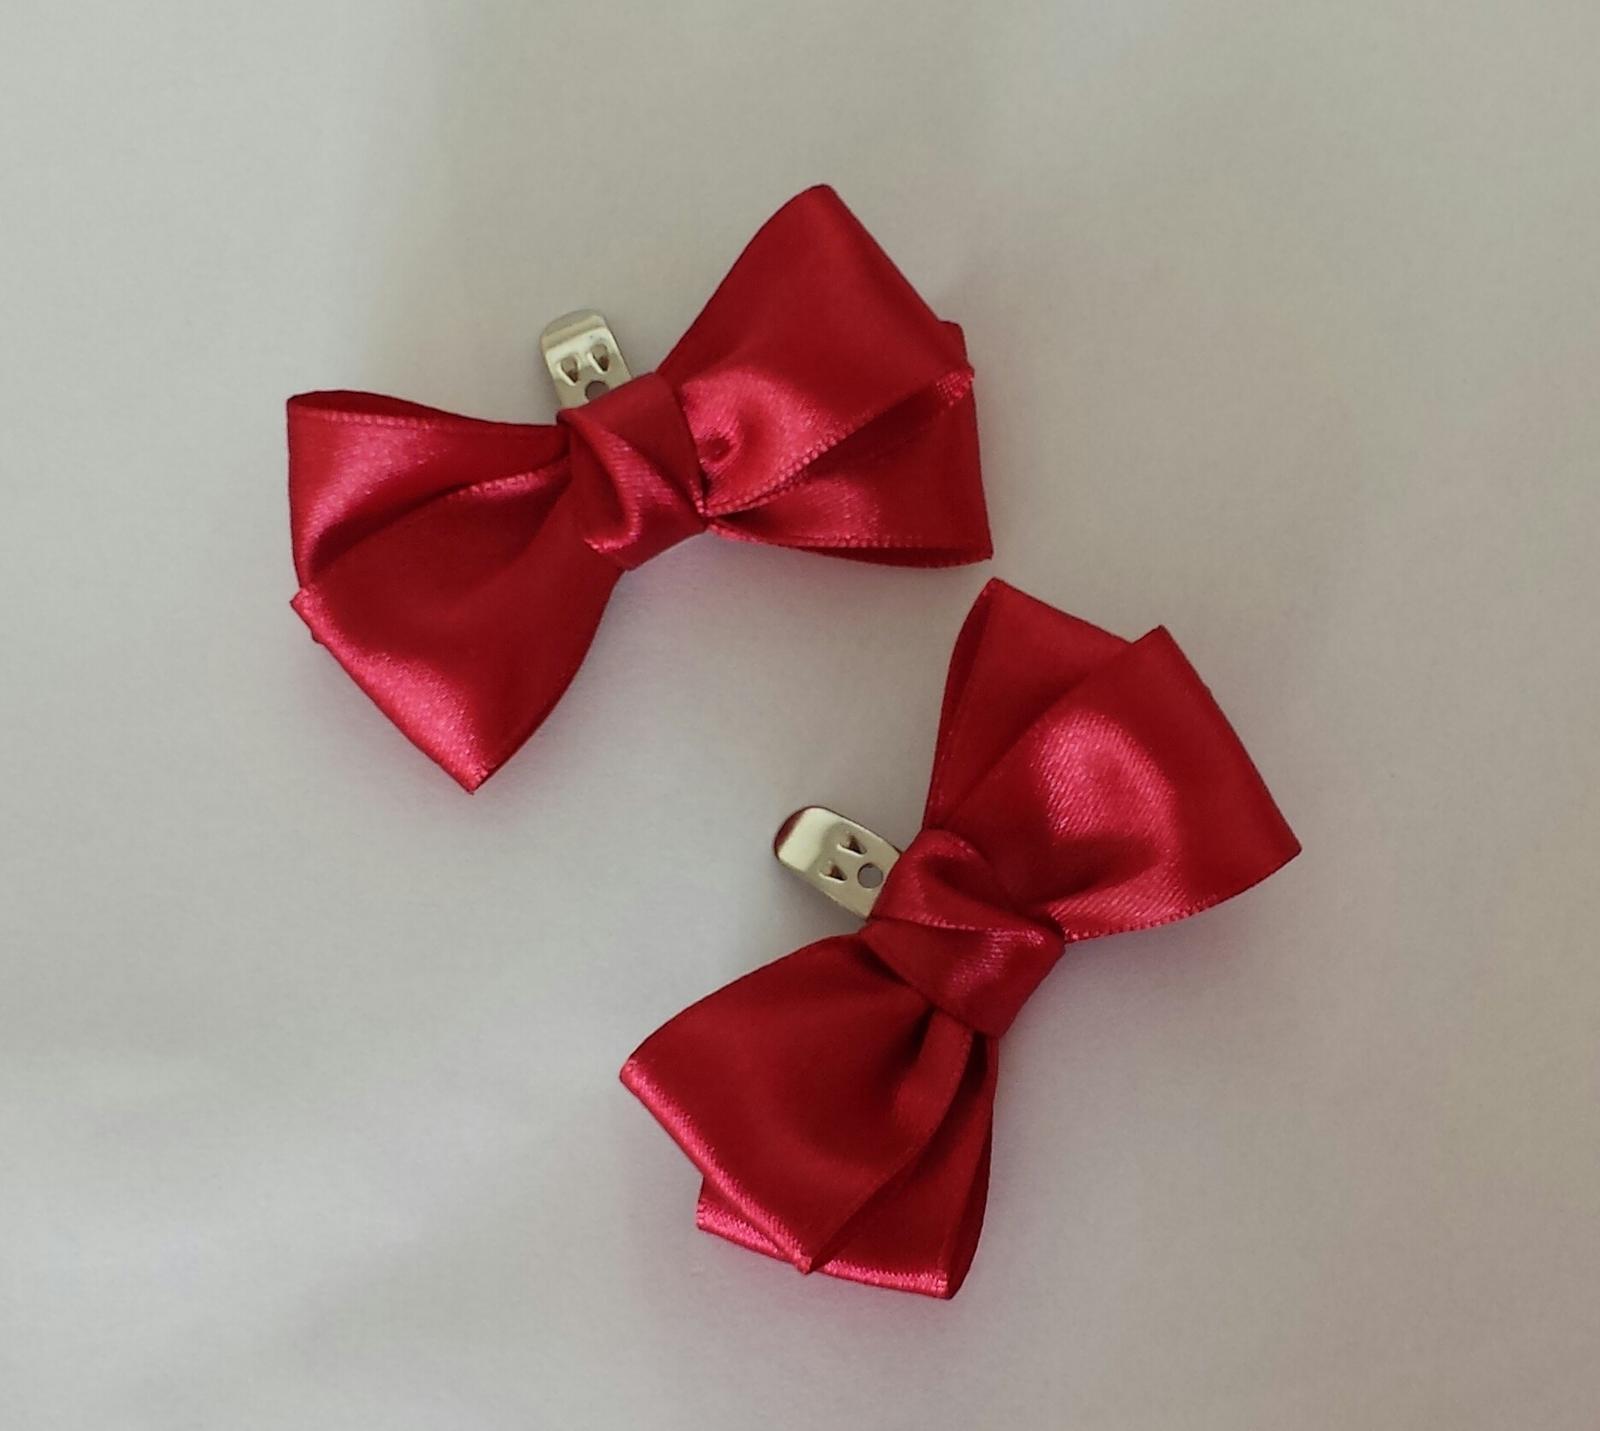 Bílý polštářek pod prstýnky s červenou mašličkou - Obrázek č. 2